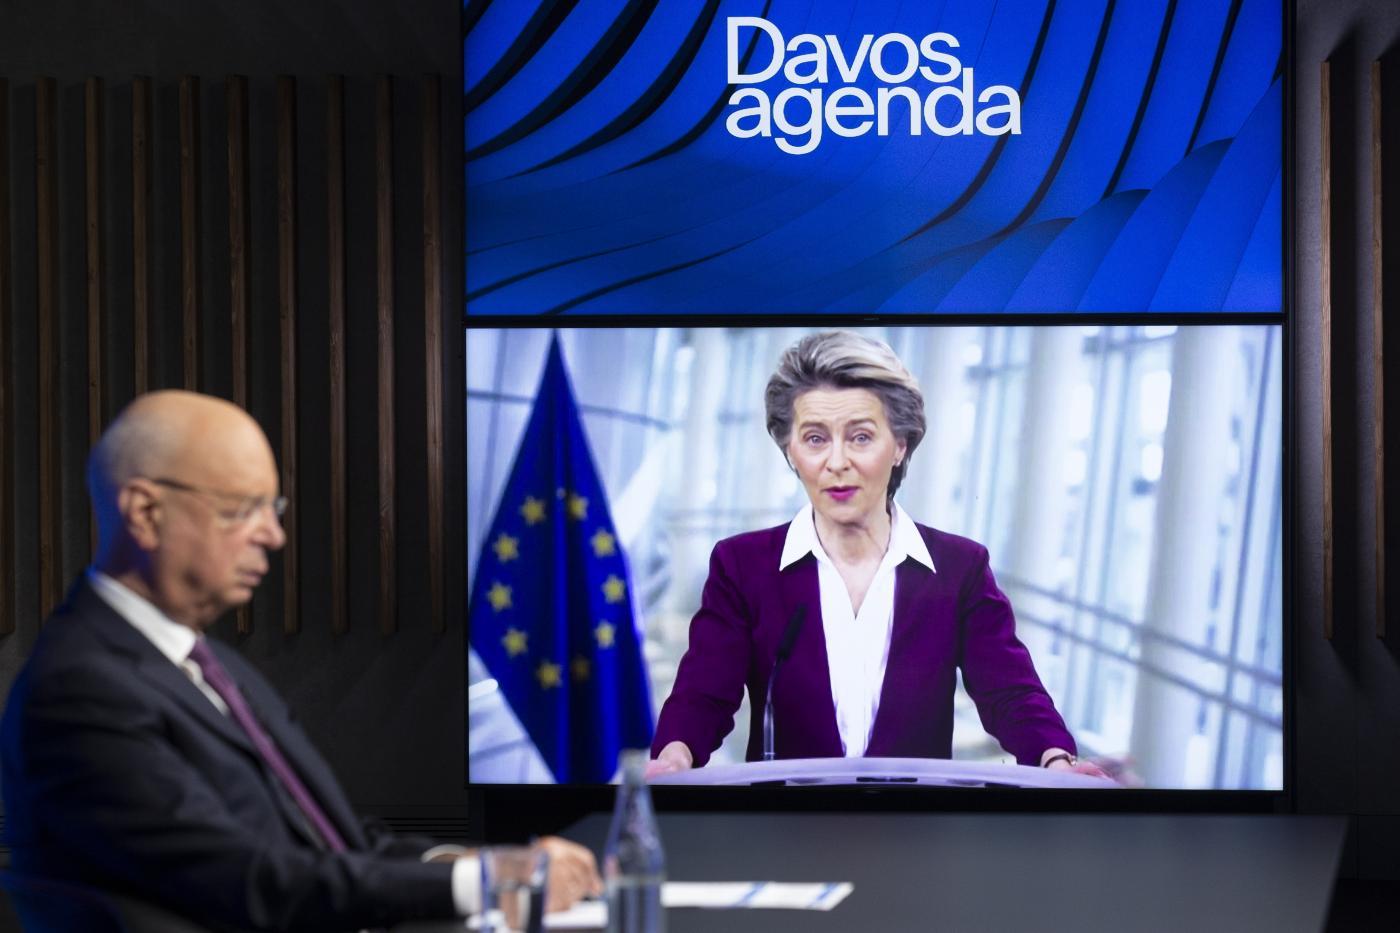 Klaus Schwab, fondatore e presidente esecutivo del World Economic Forum, WEF, ascolta il presidente della Commissione europea Ursula von der Leyen